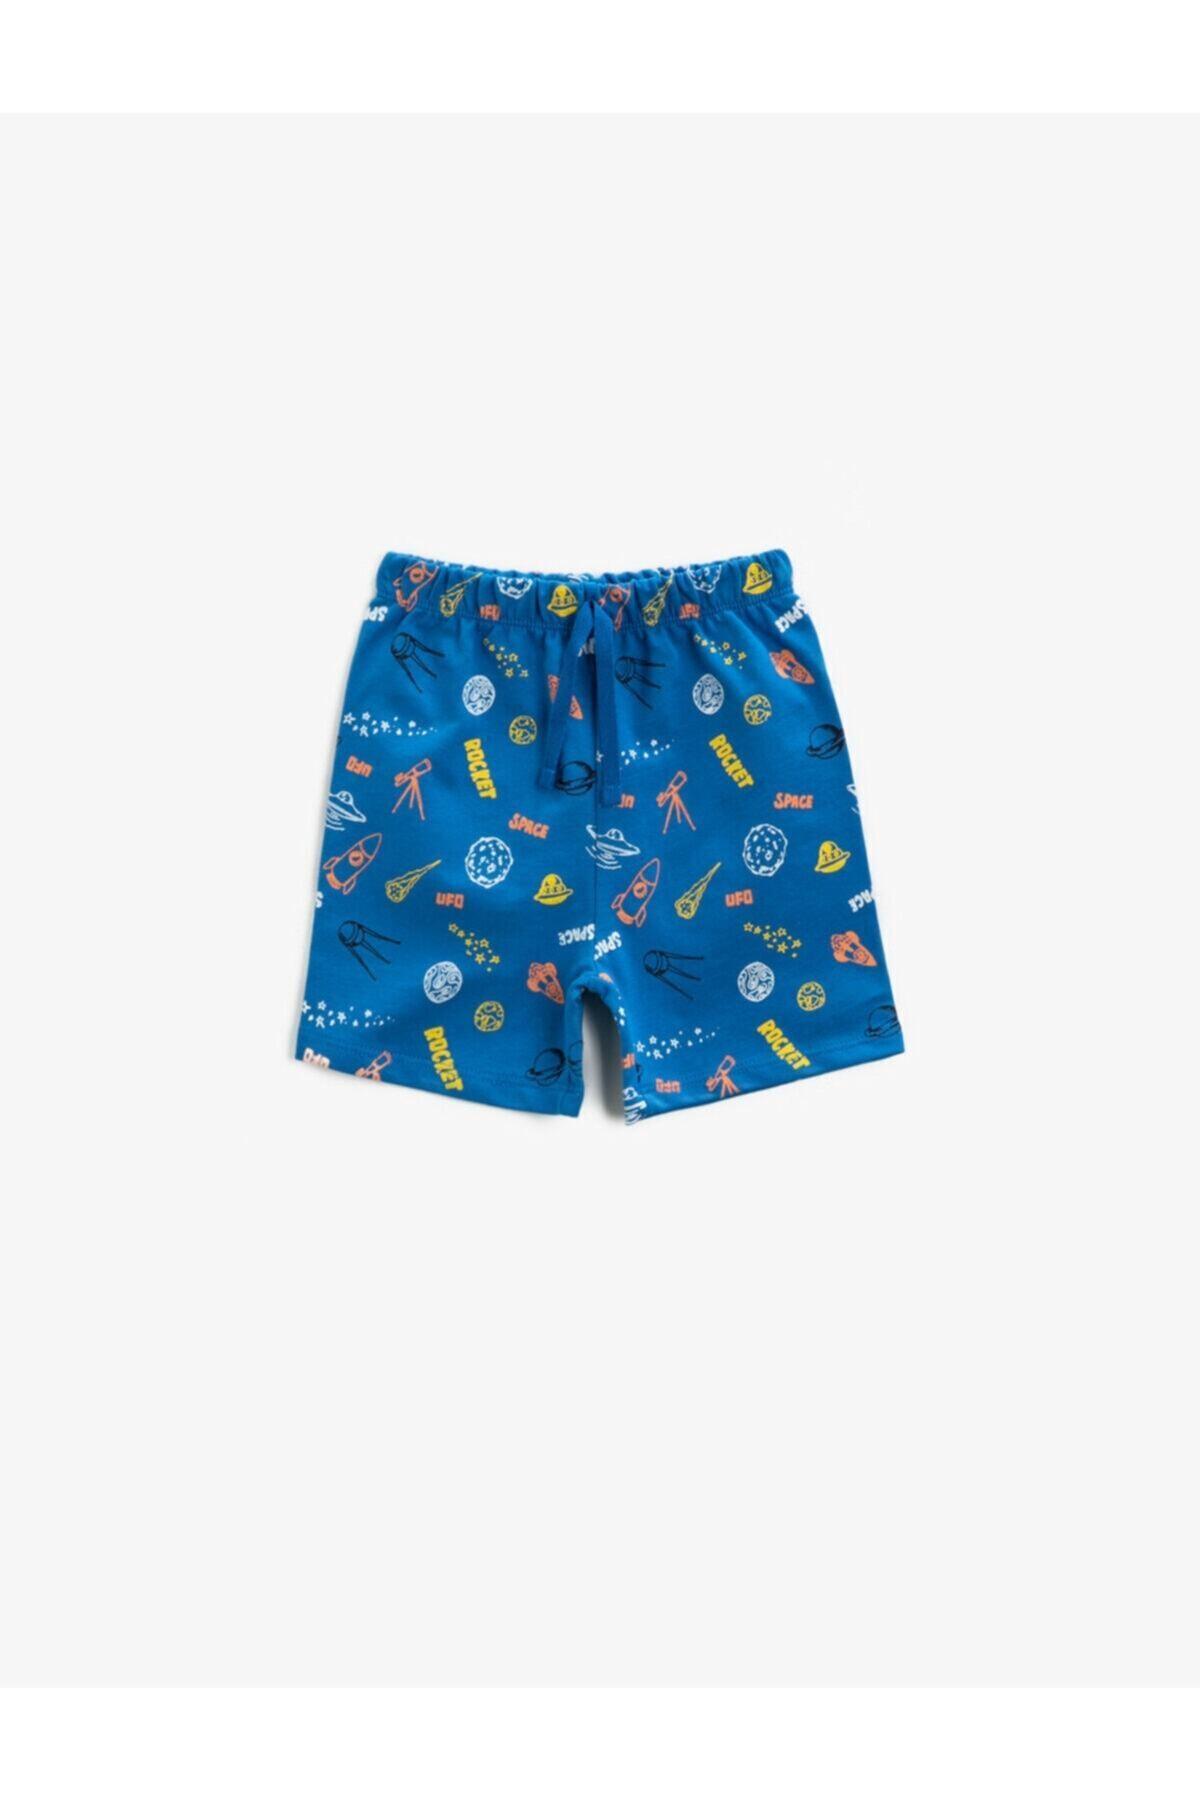 شلوارک نوزاد پسر حراجی برند کوتون رنگ آبی کد ty92780729